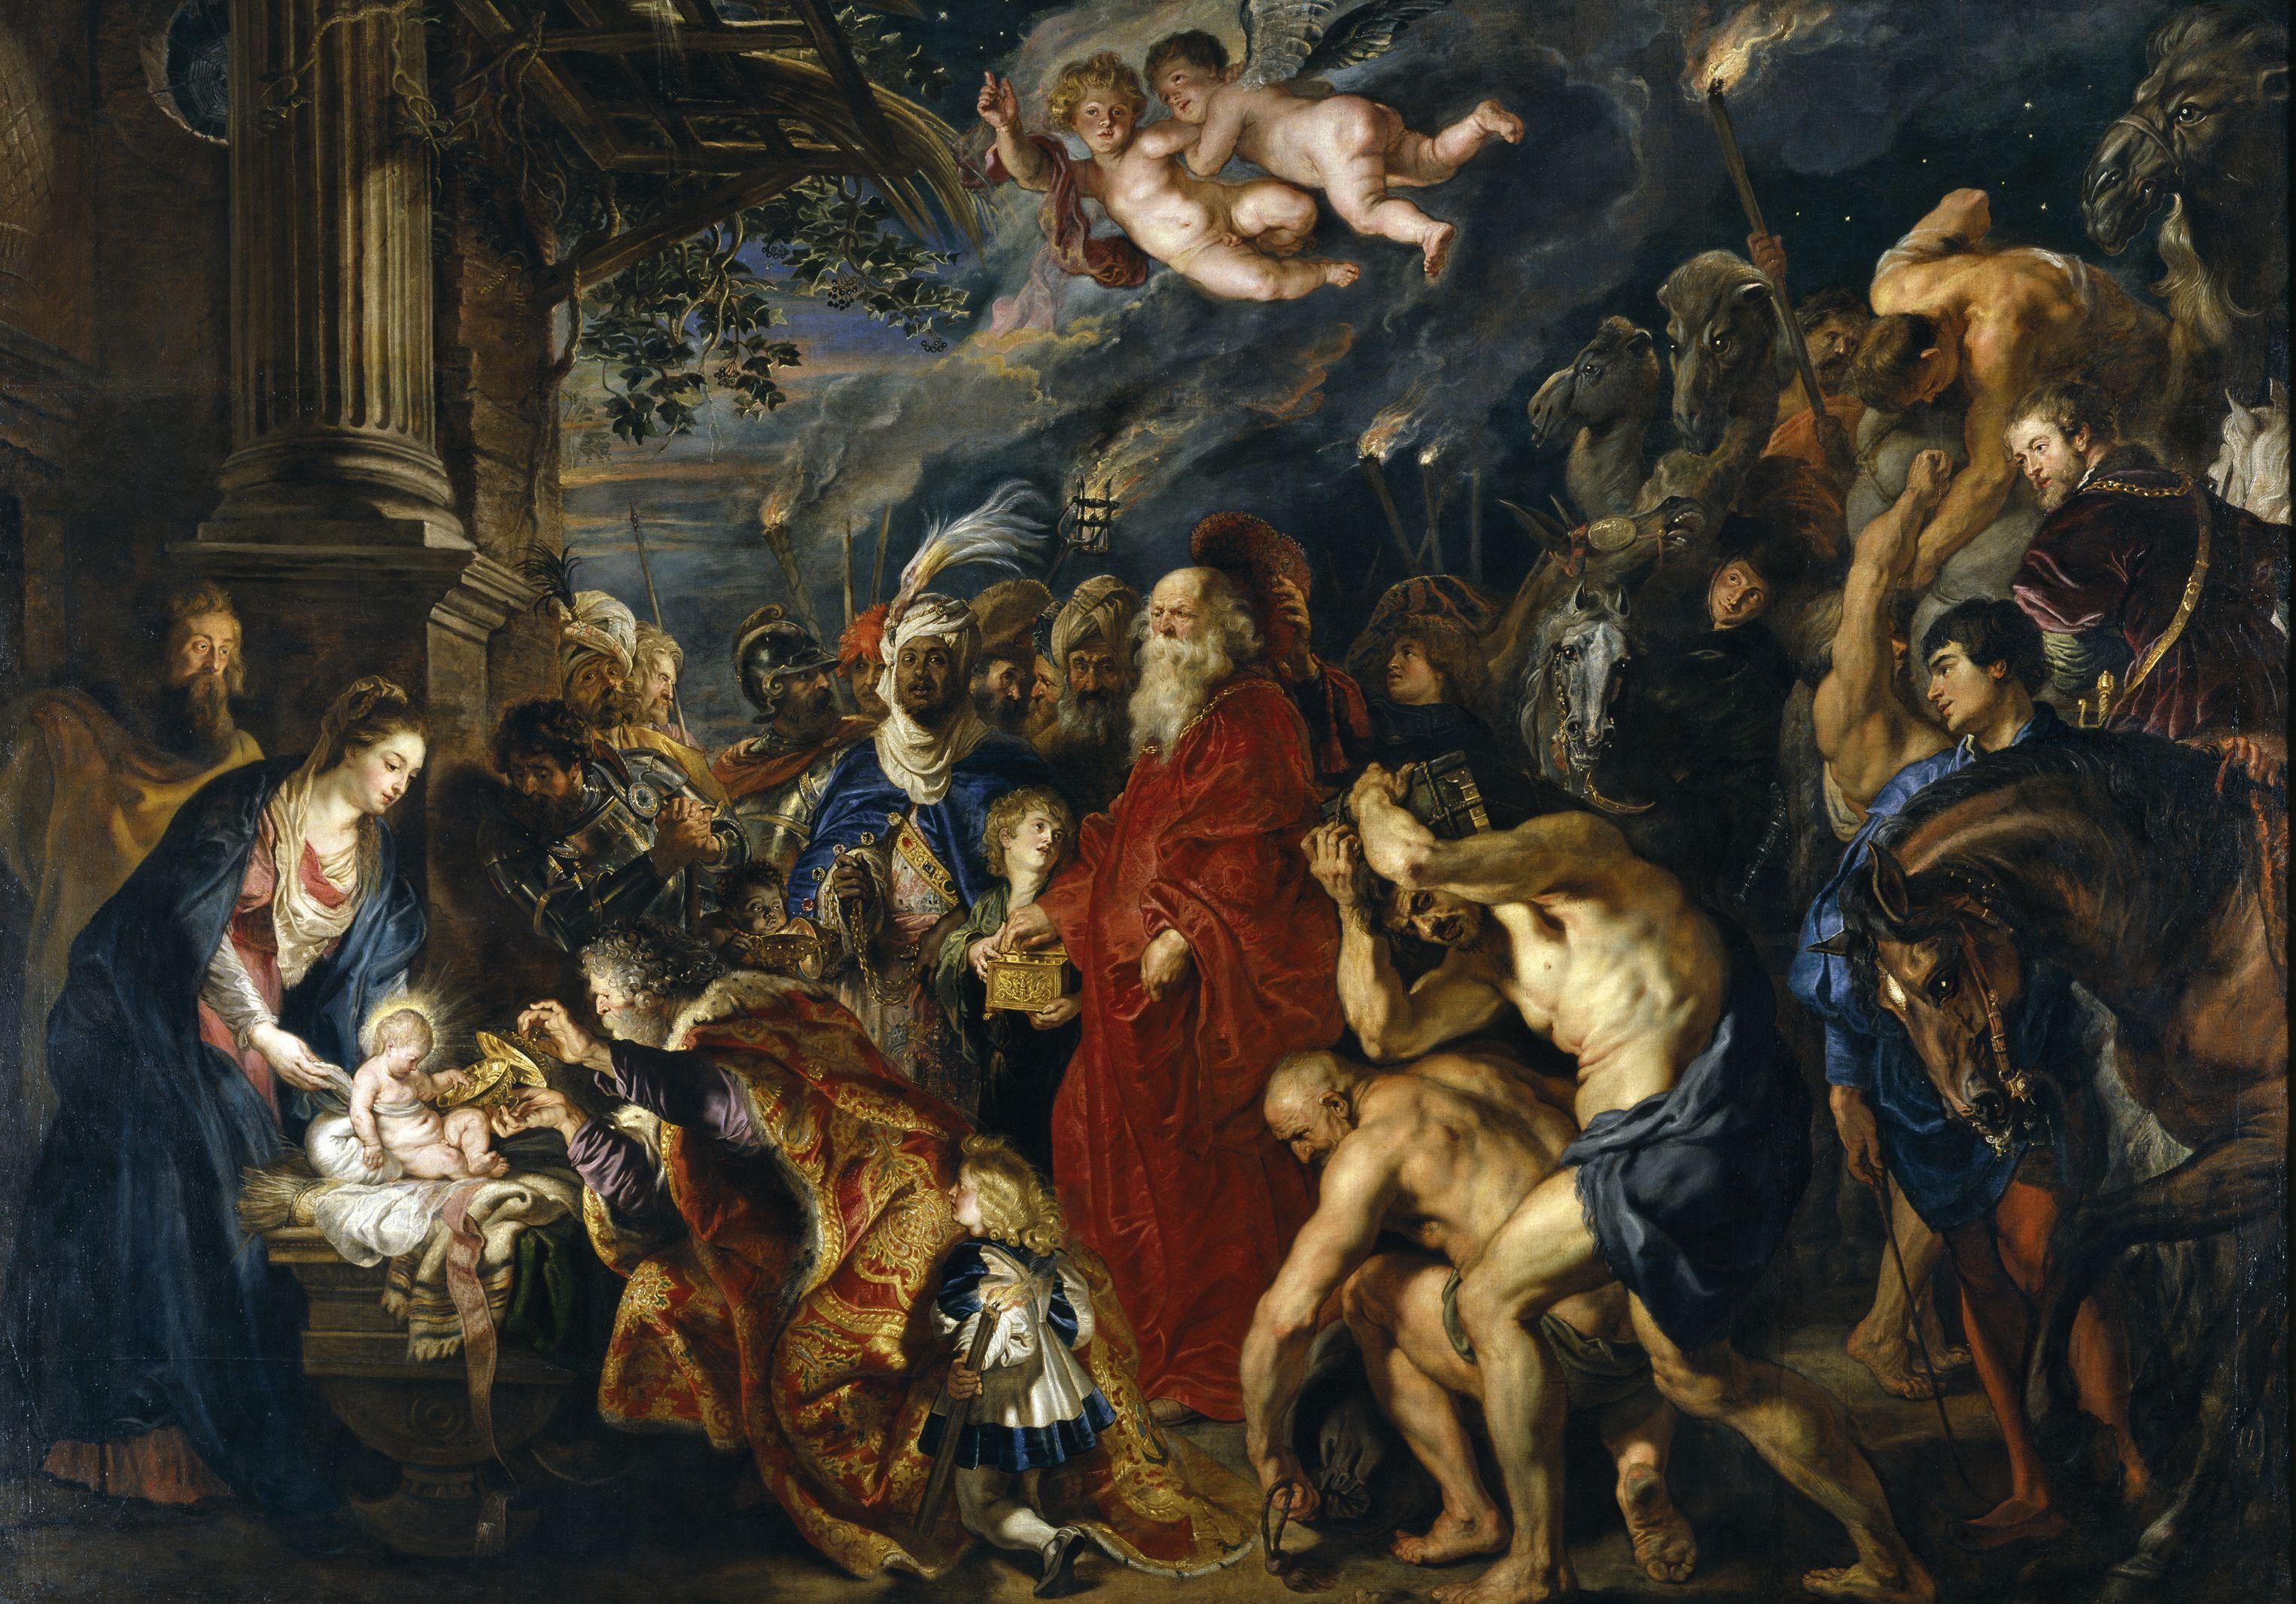 La Adoración De Los Reyes Magos Rubens Prado Wikipedia La Enciclopedia Libre Pedro Pablo Rubens Arte Barroco Peter Paul Rubens